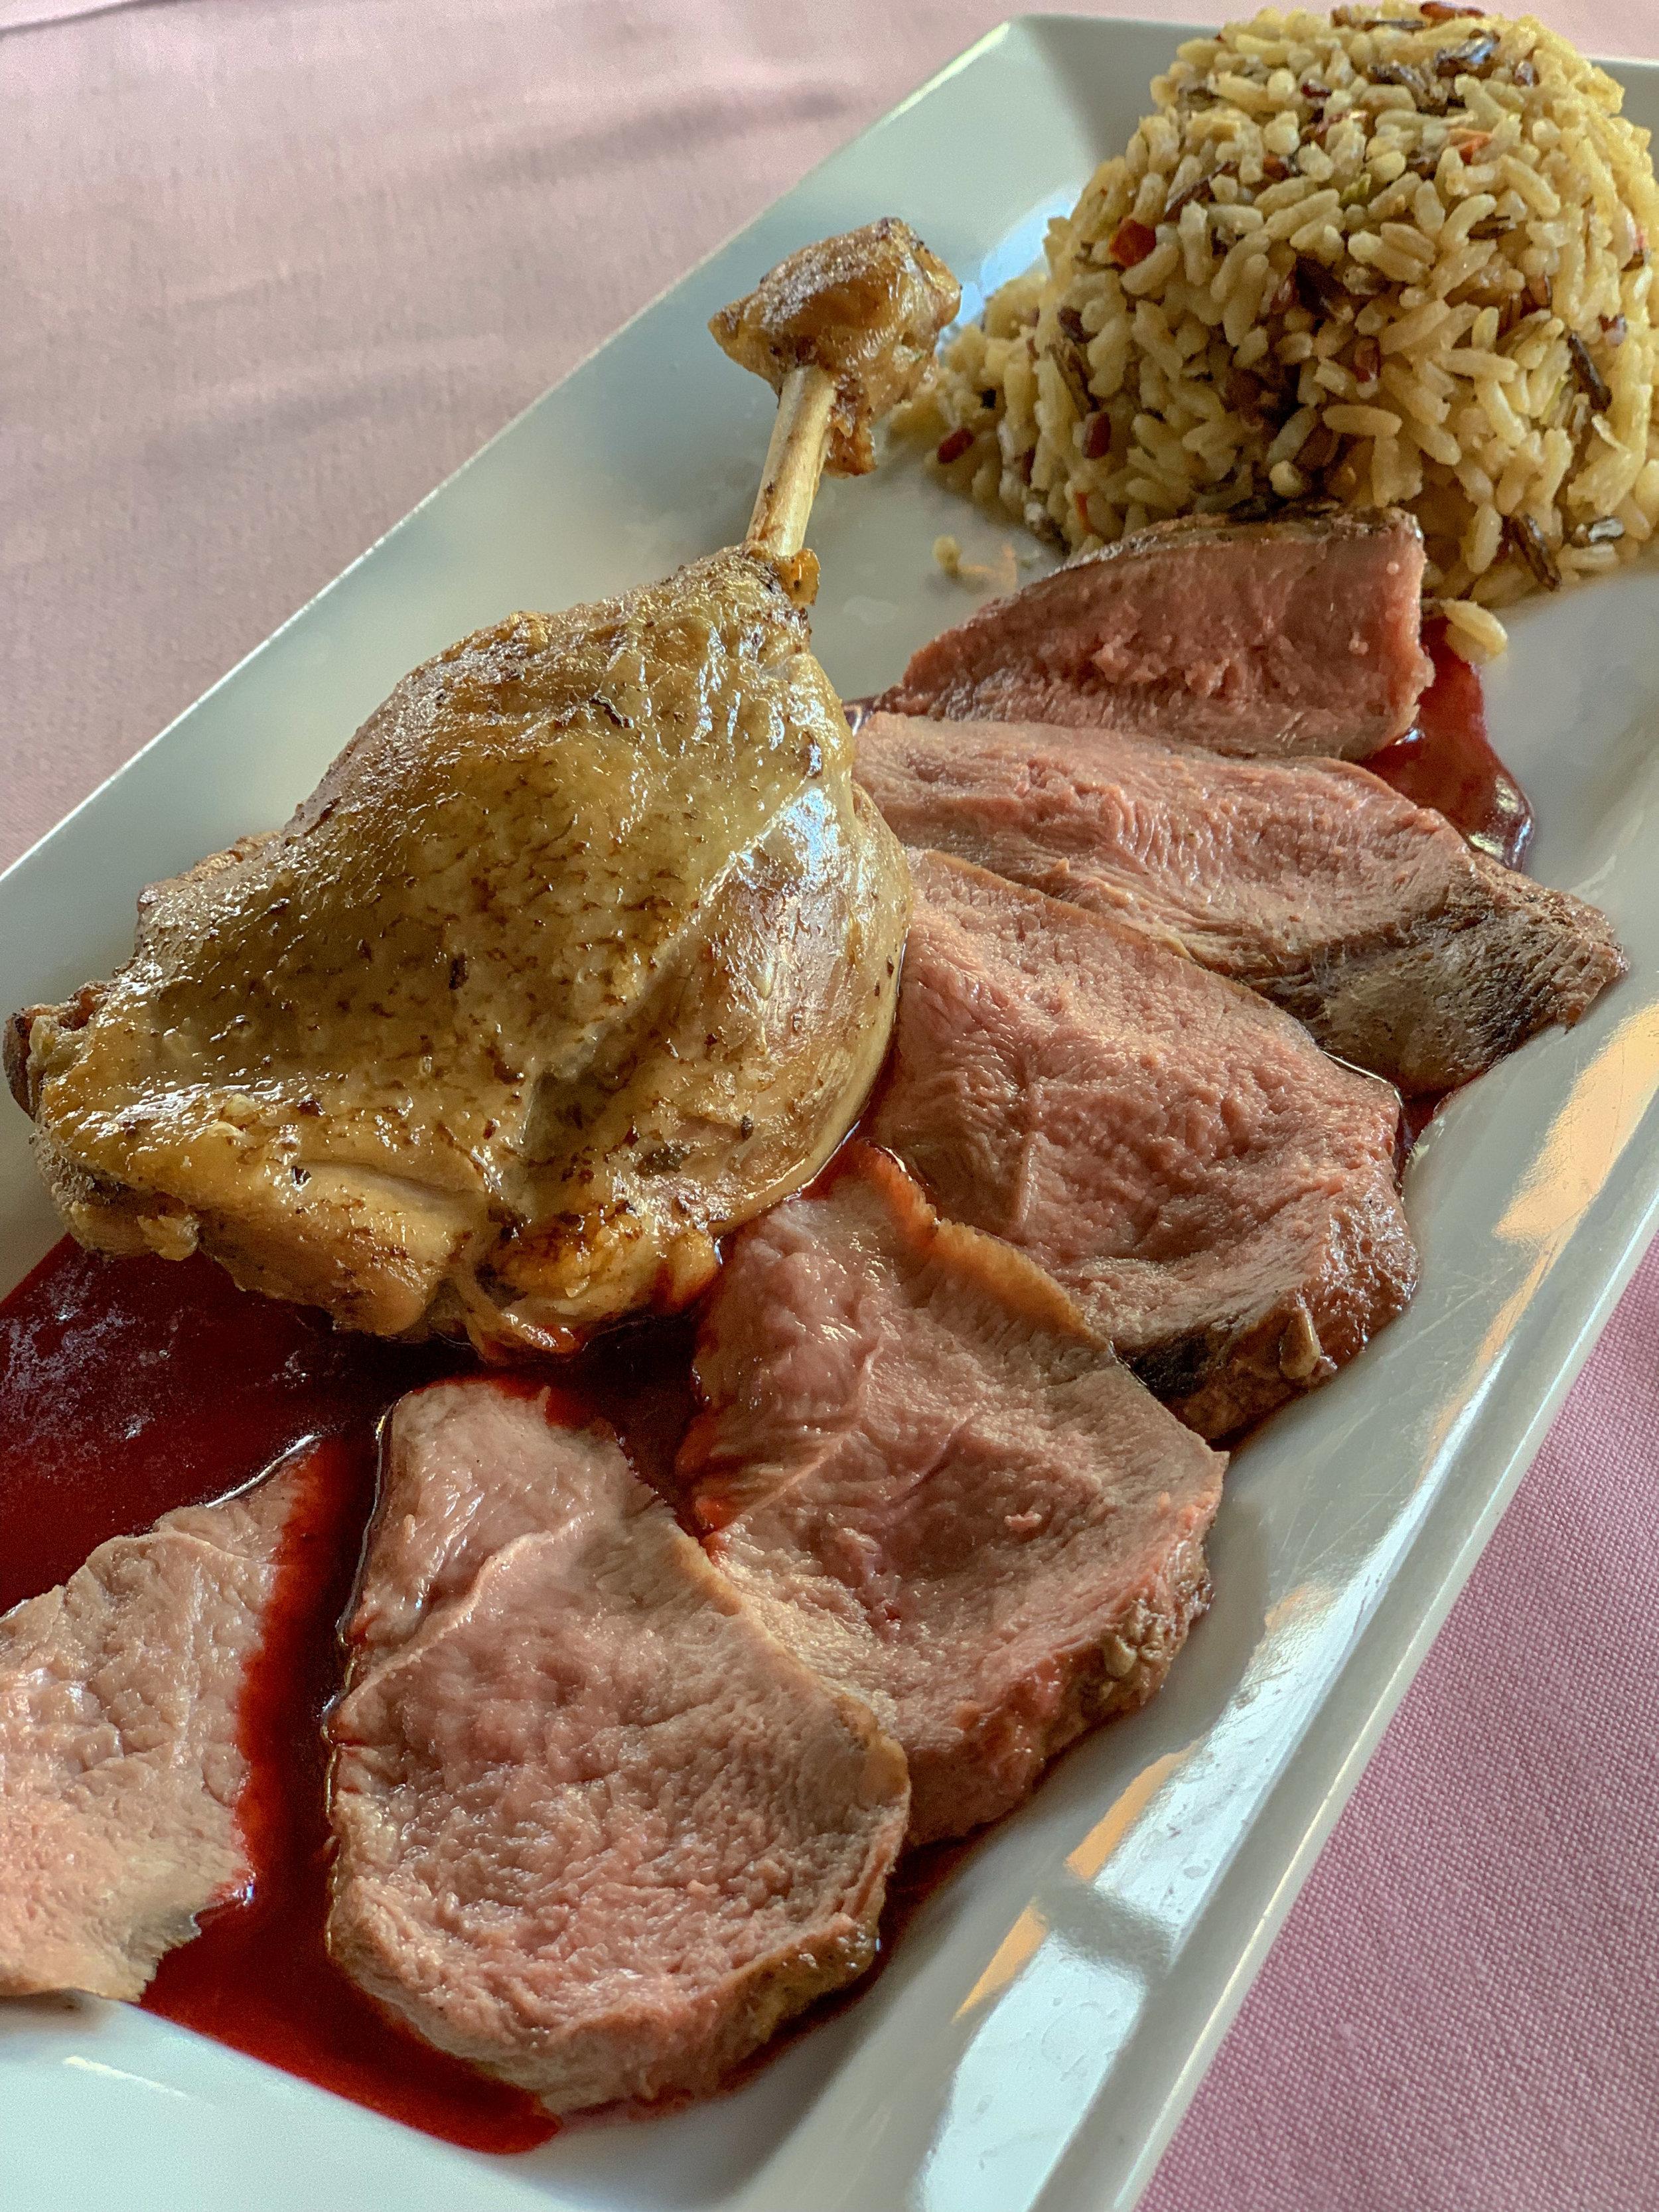 Le Magret de Canard & Cuisse Confite, Cranberry Raspberry Sauce